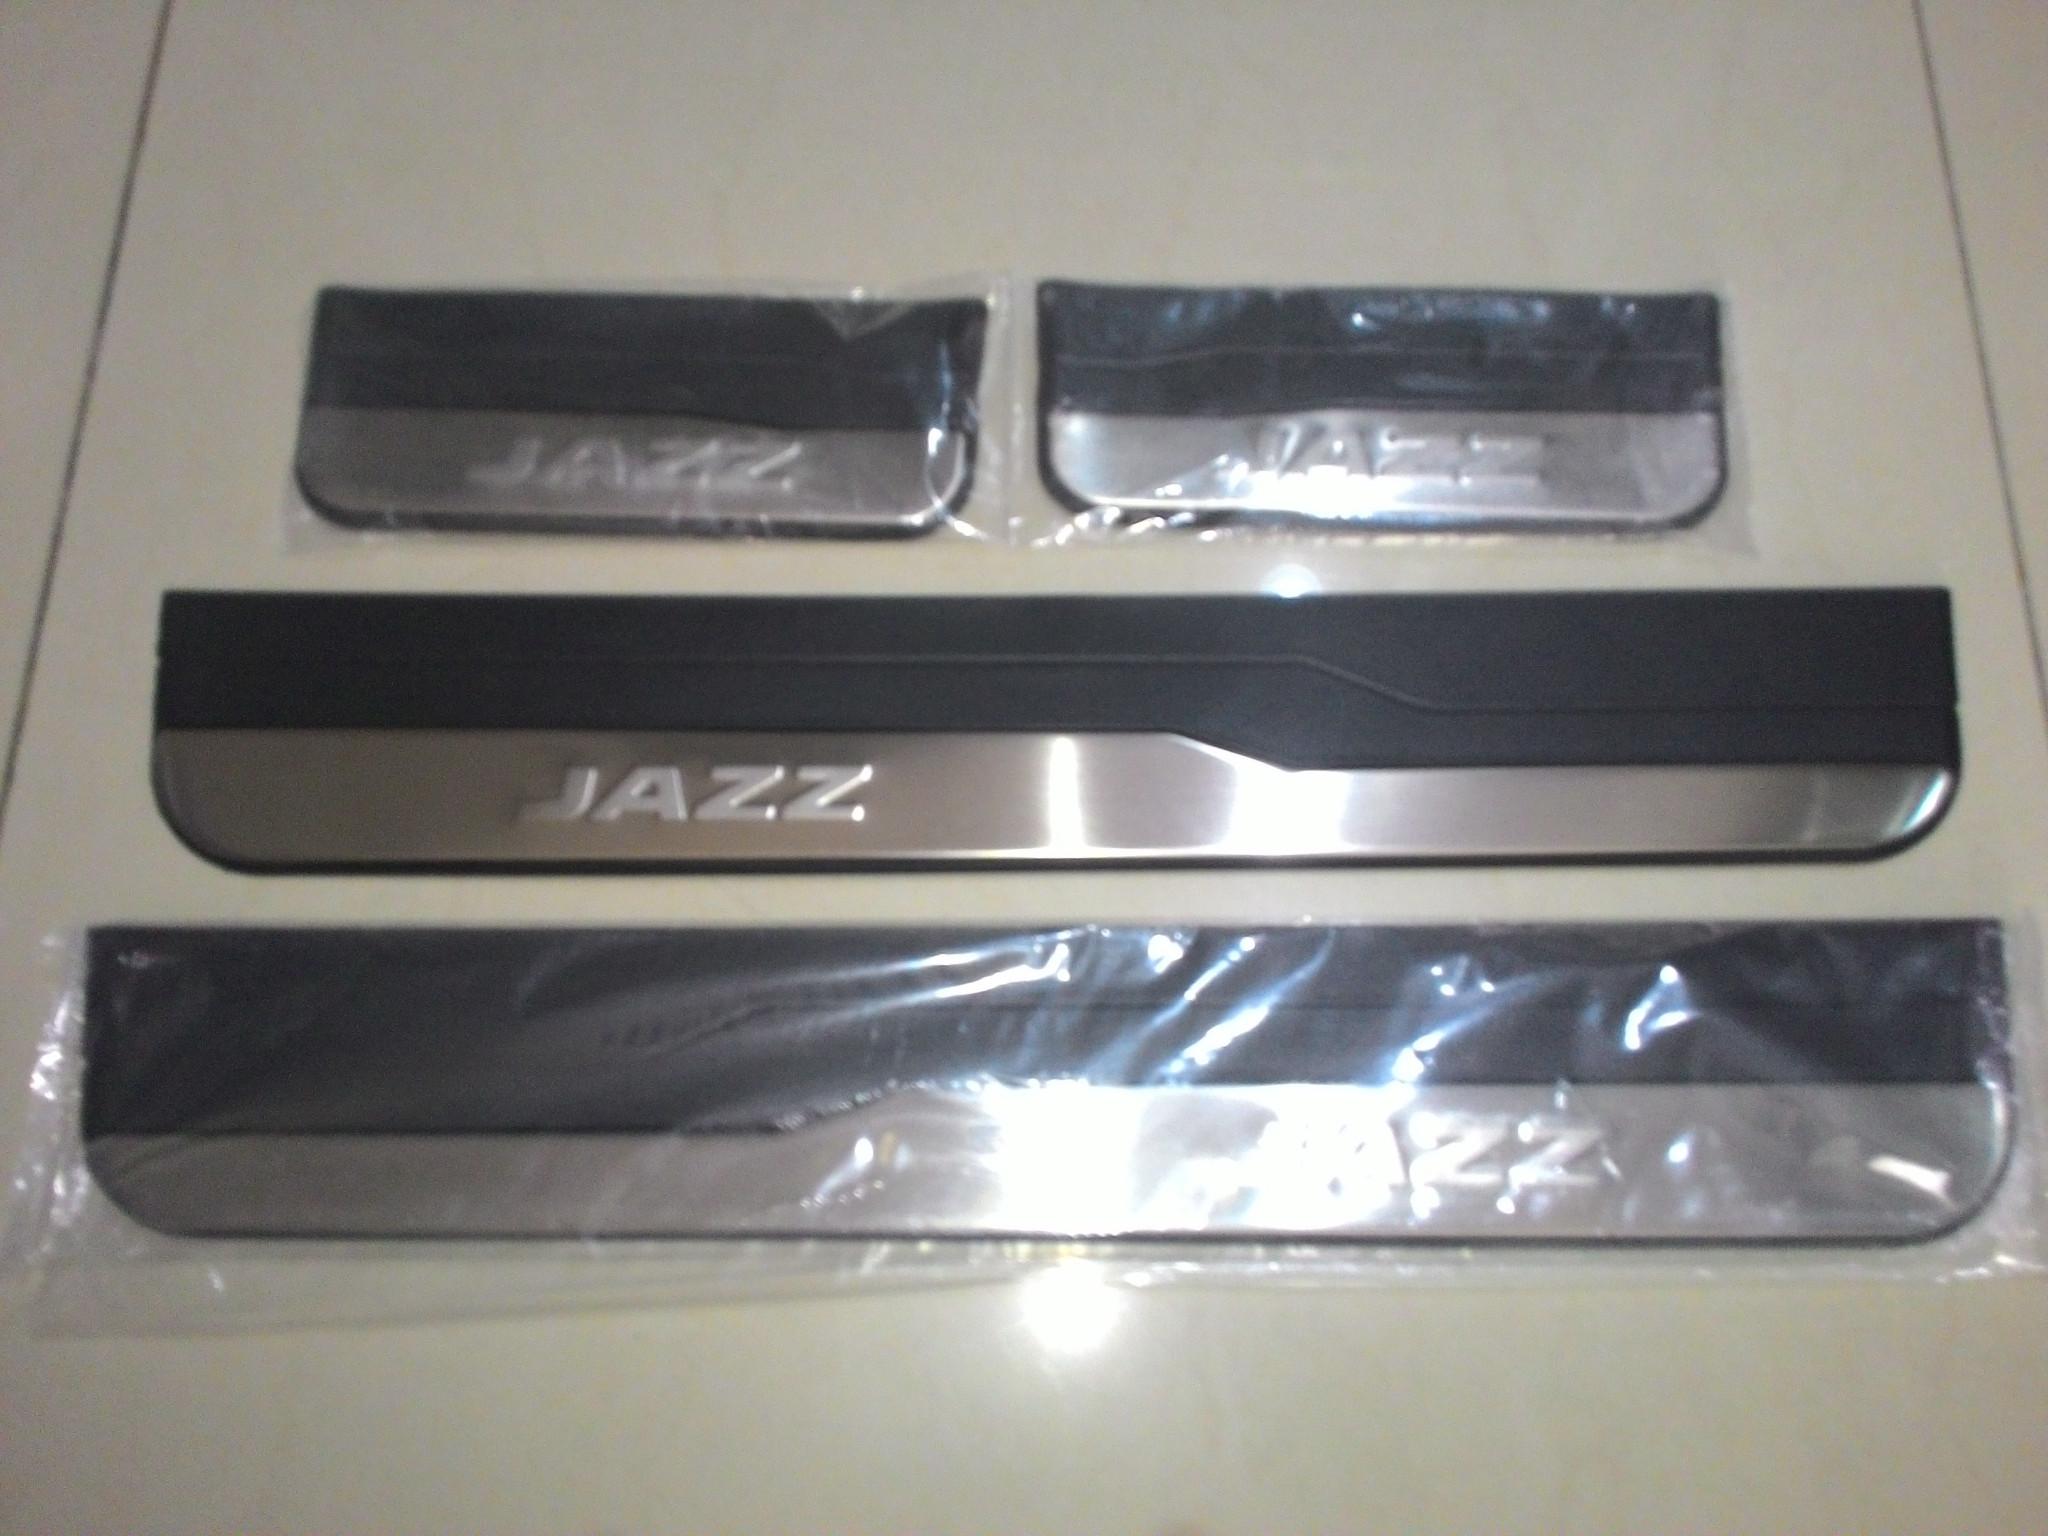 Sillplate Samping Stainless Kombinasi Jazz